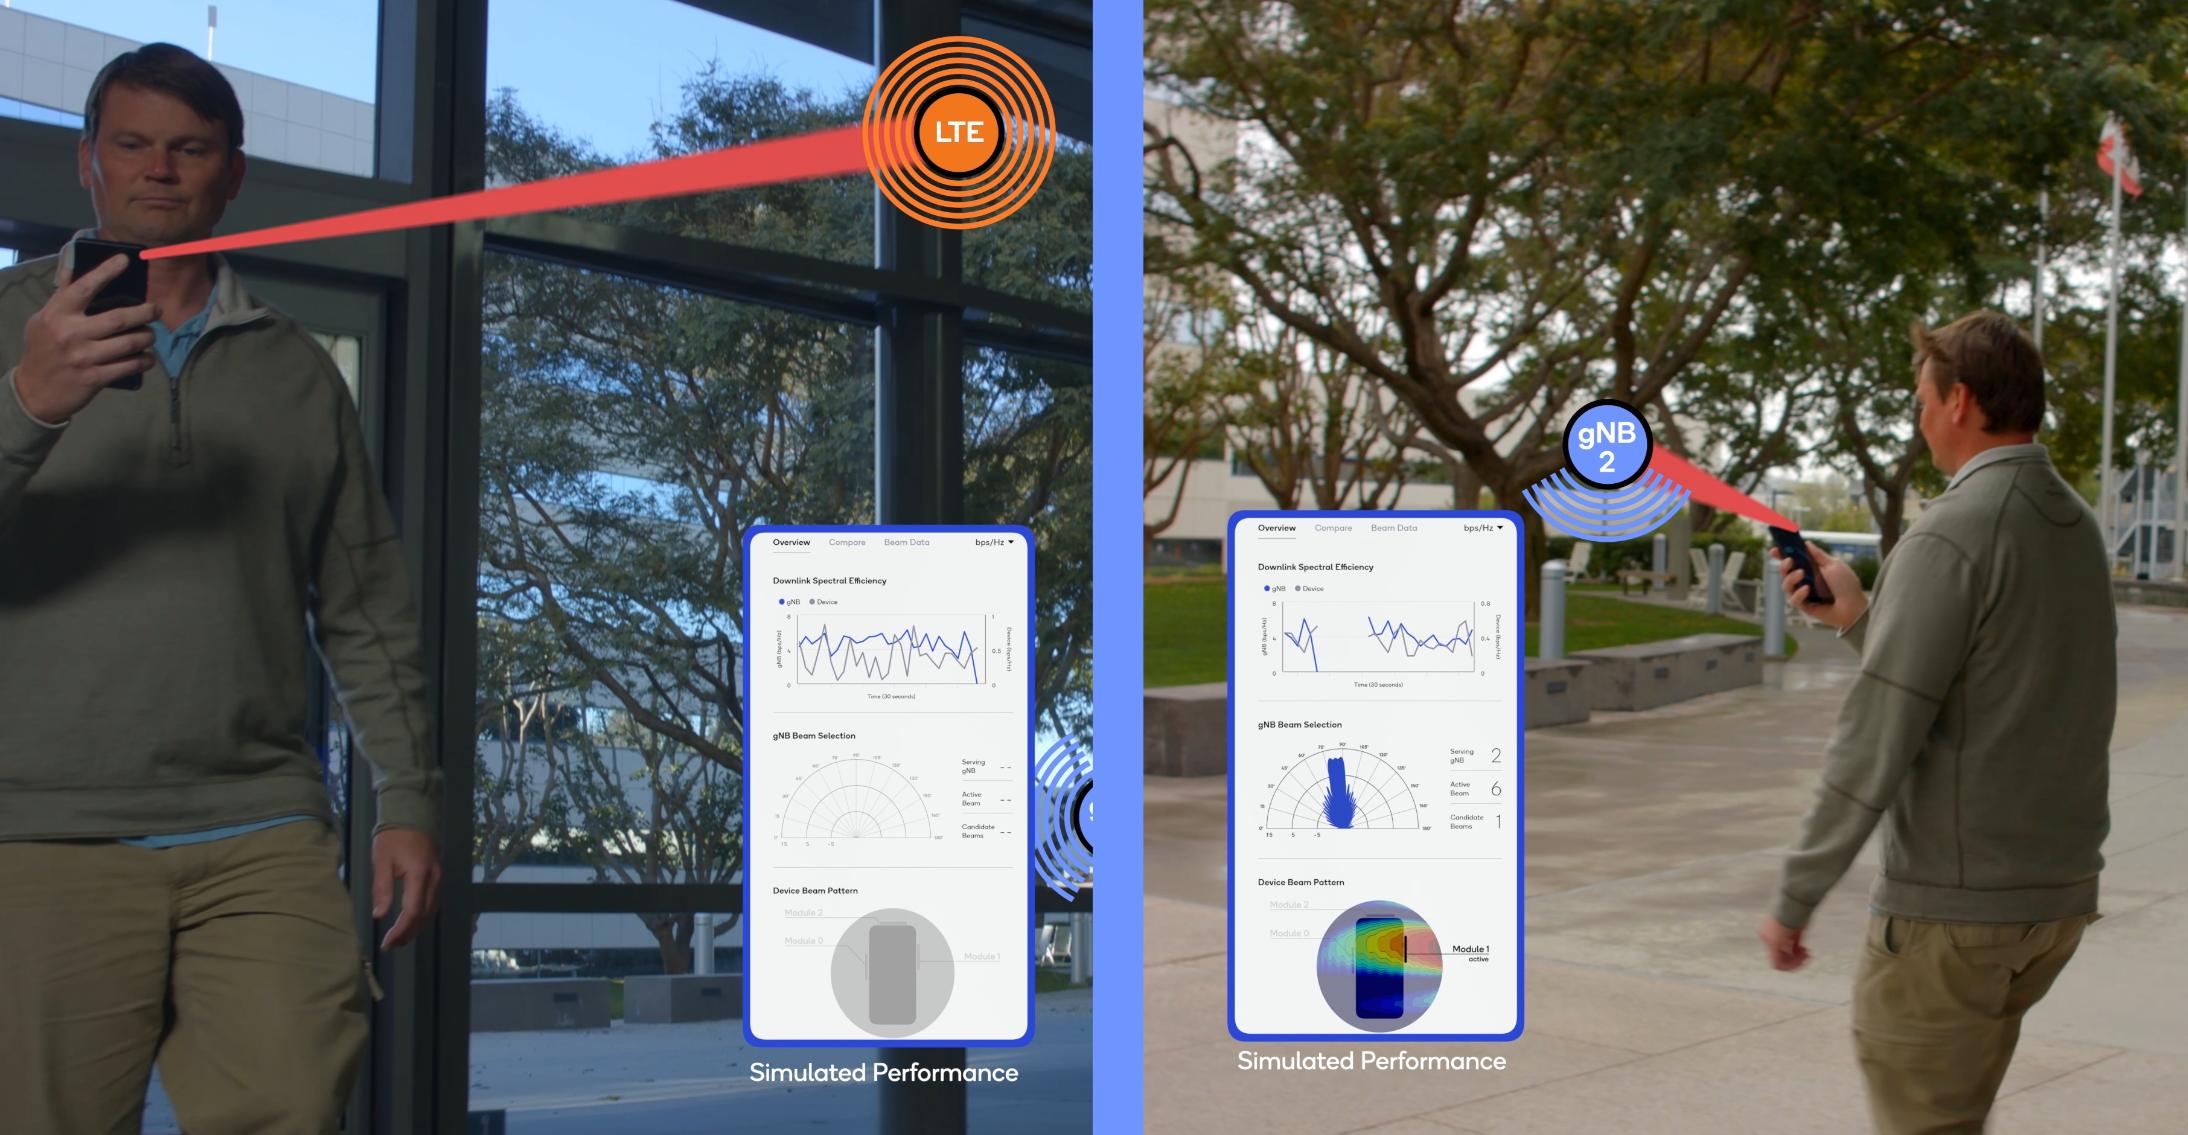 Разбираемся, как 5G будет работать в миллиметровом диапазоне на улице и в помещениях - 13